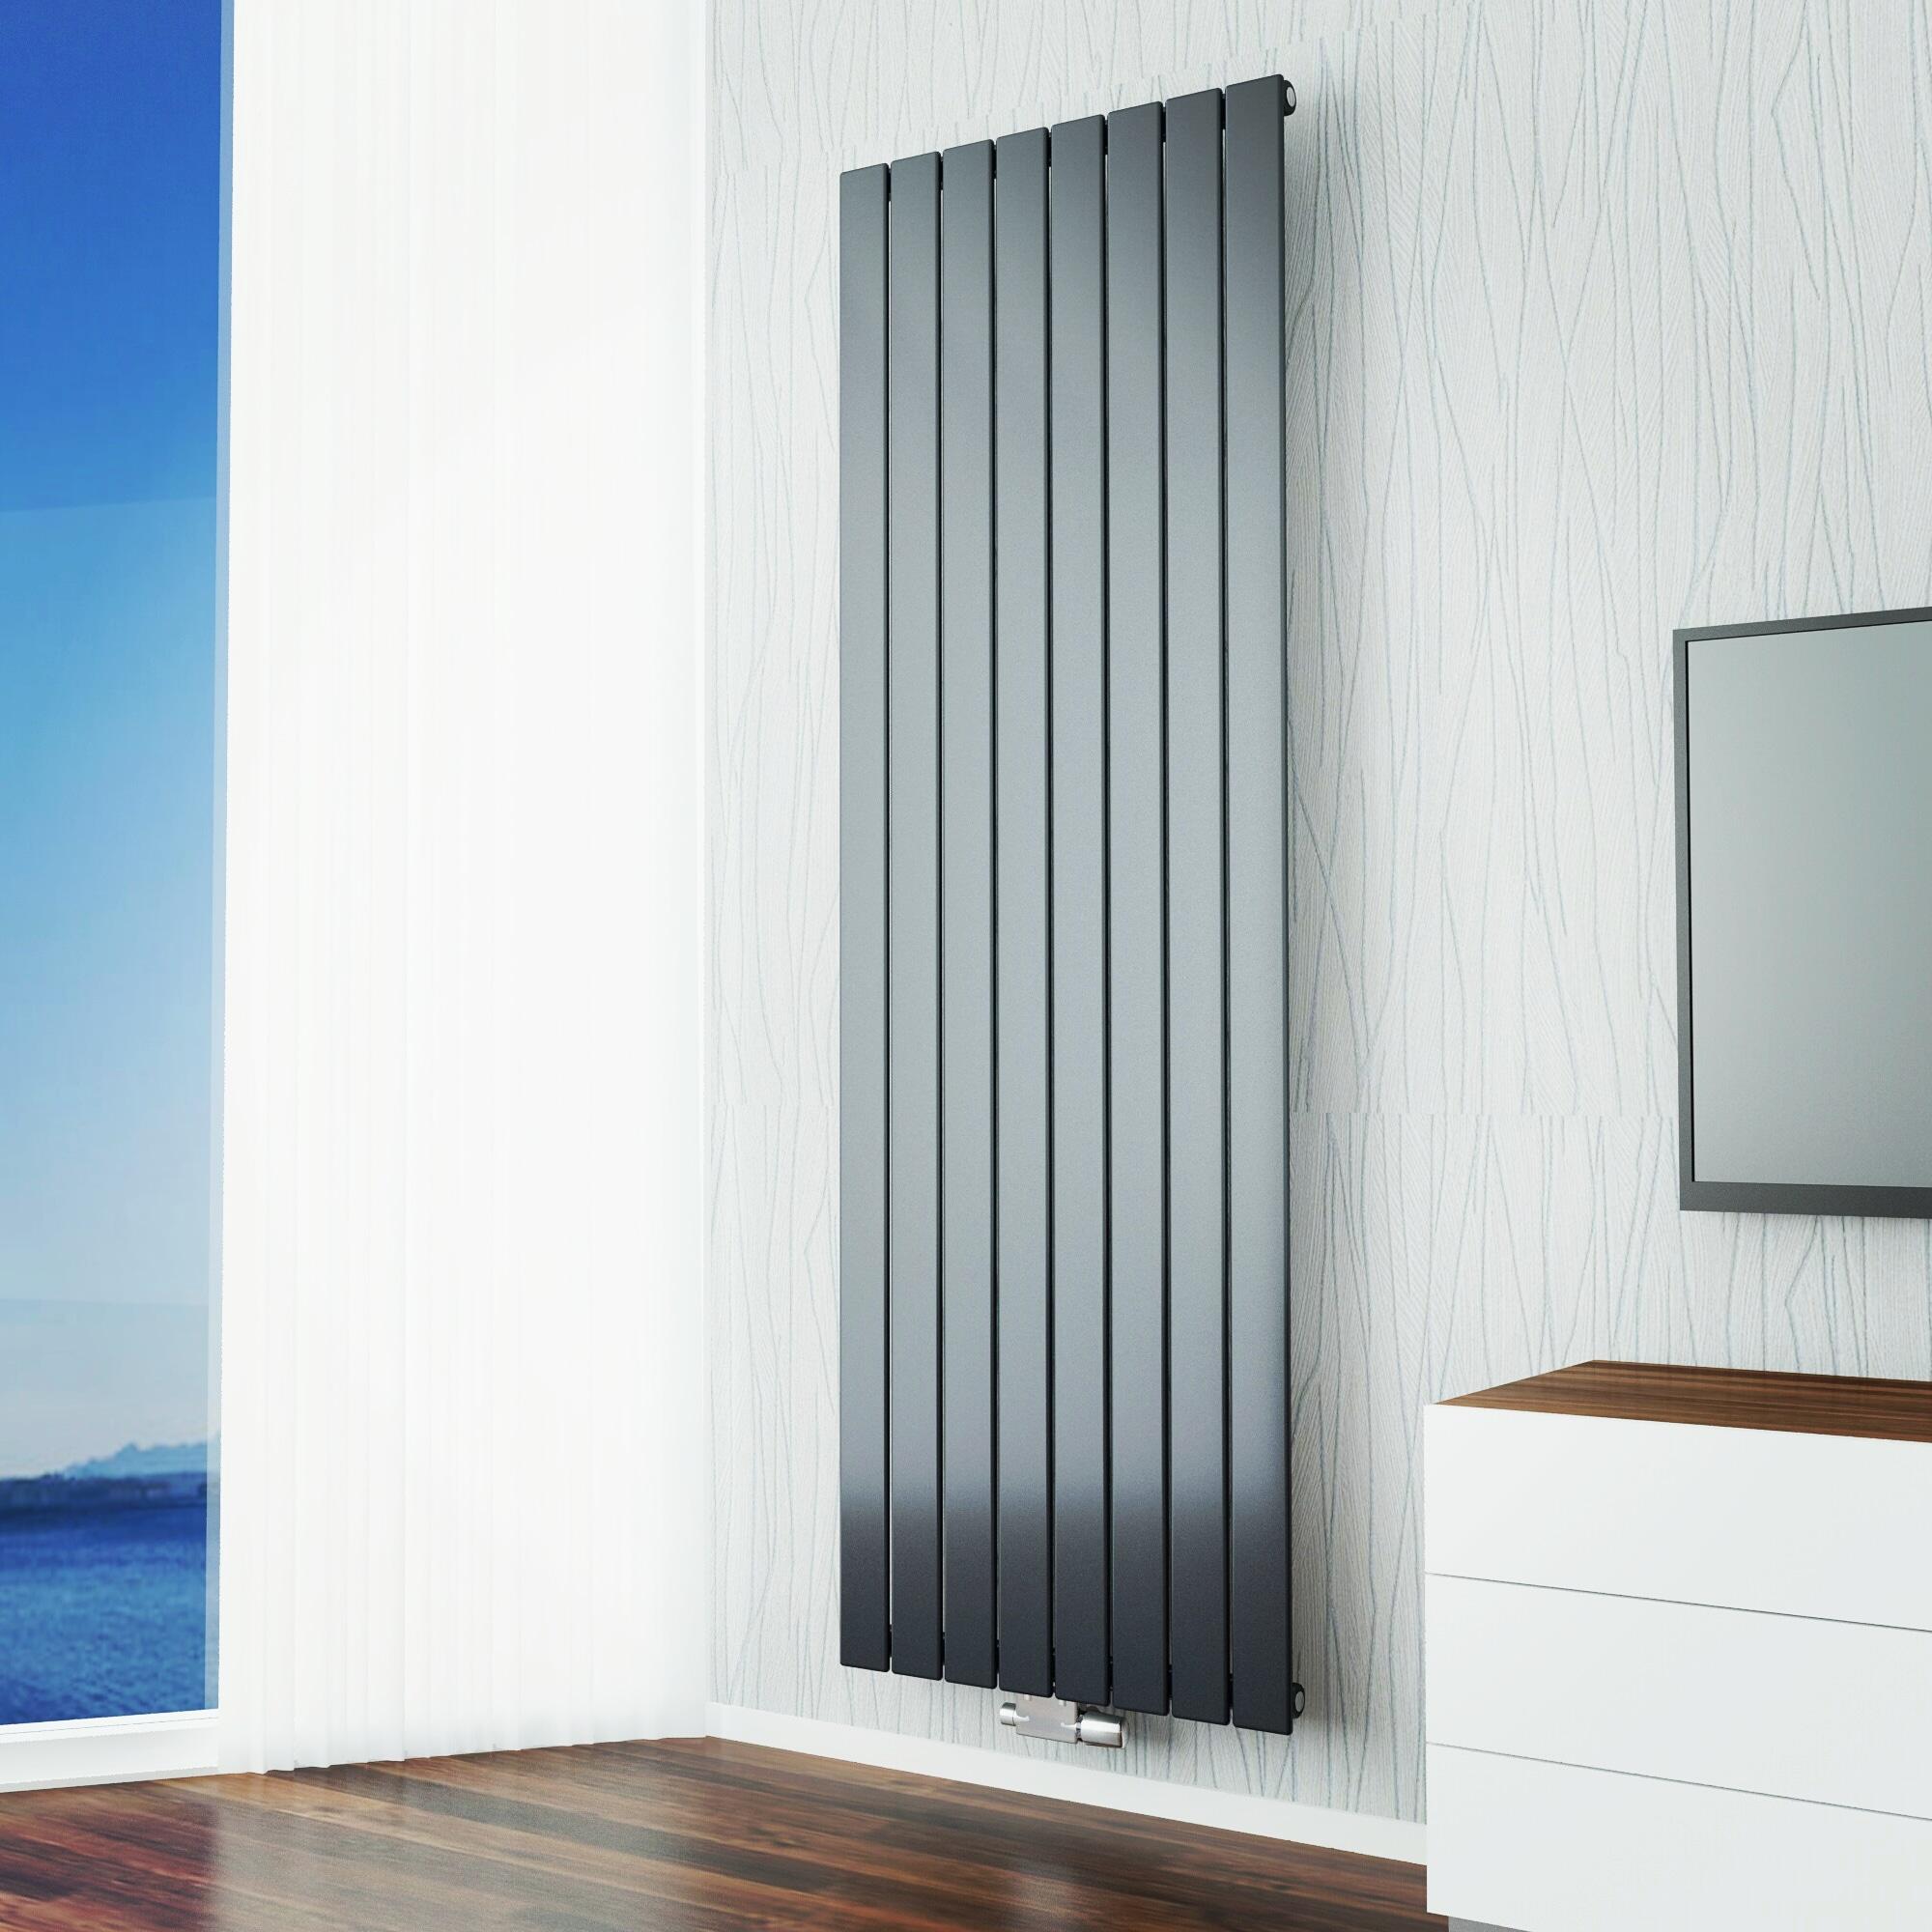 Full Size of Wandheizkörper Design Flach Paneelheizkrper Doppellagig Heizwand Mittelanschlu Wohnzimmer Wandheizkörper